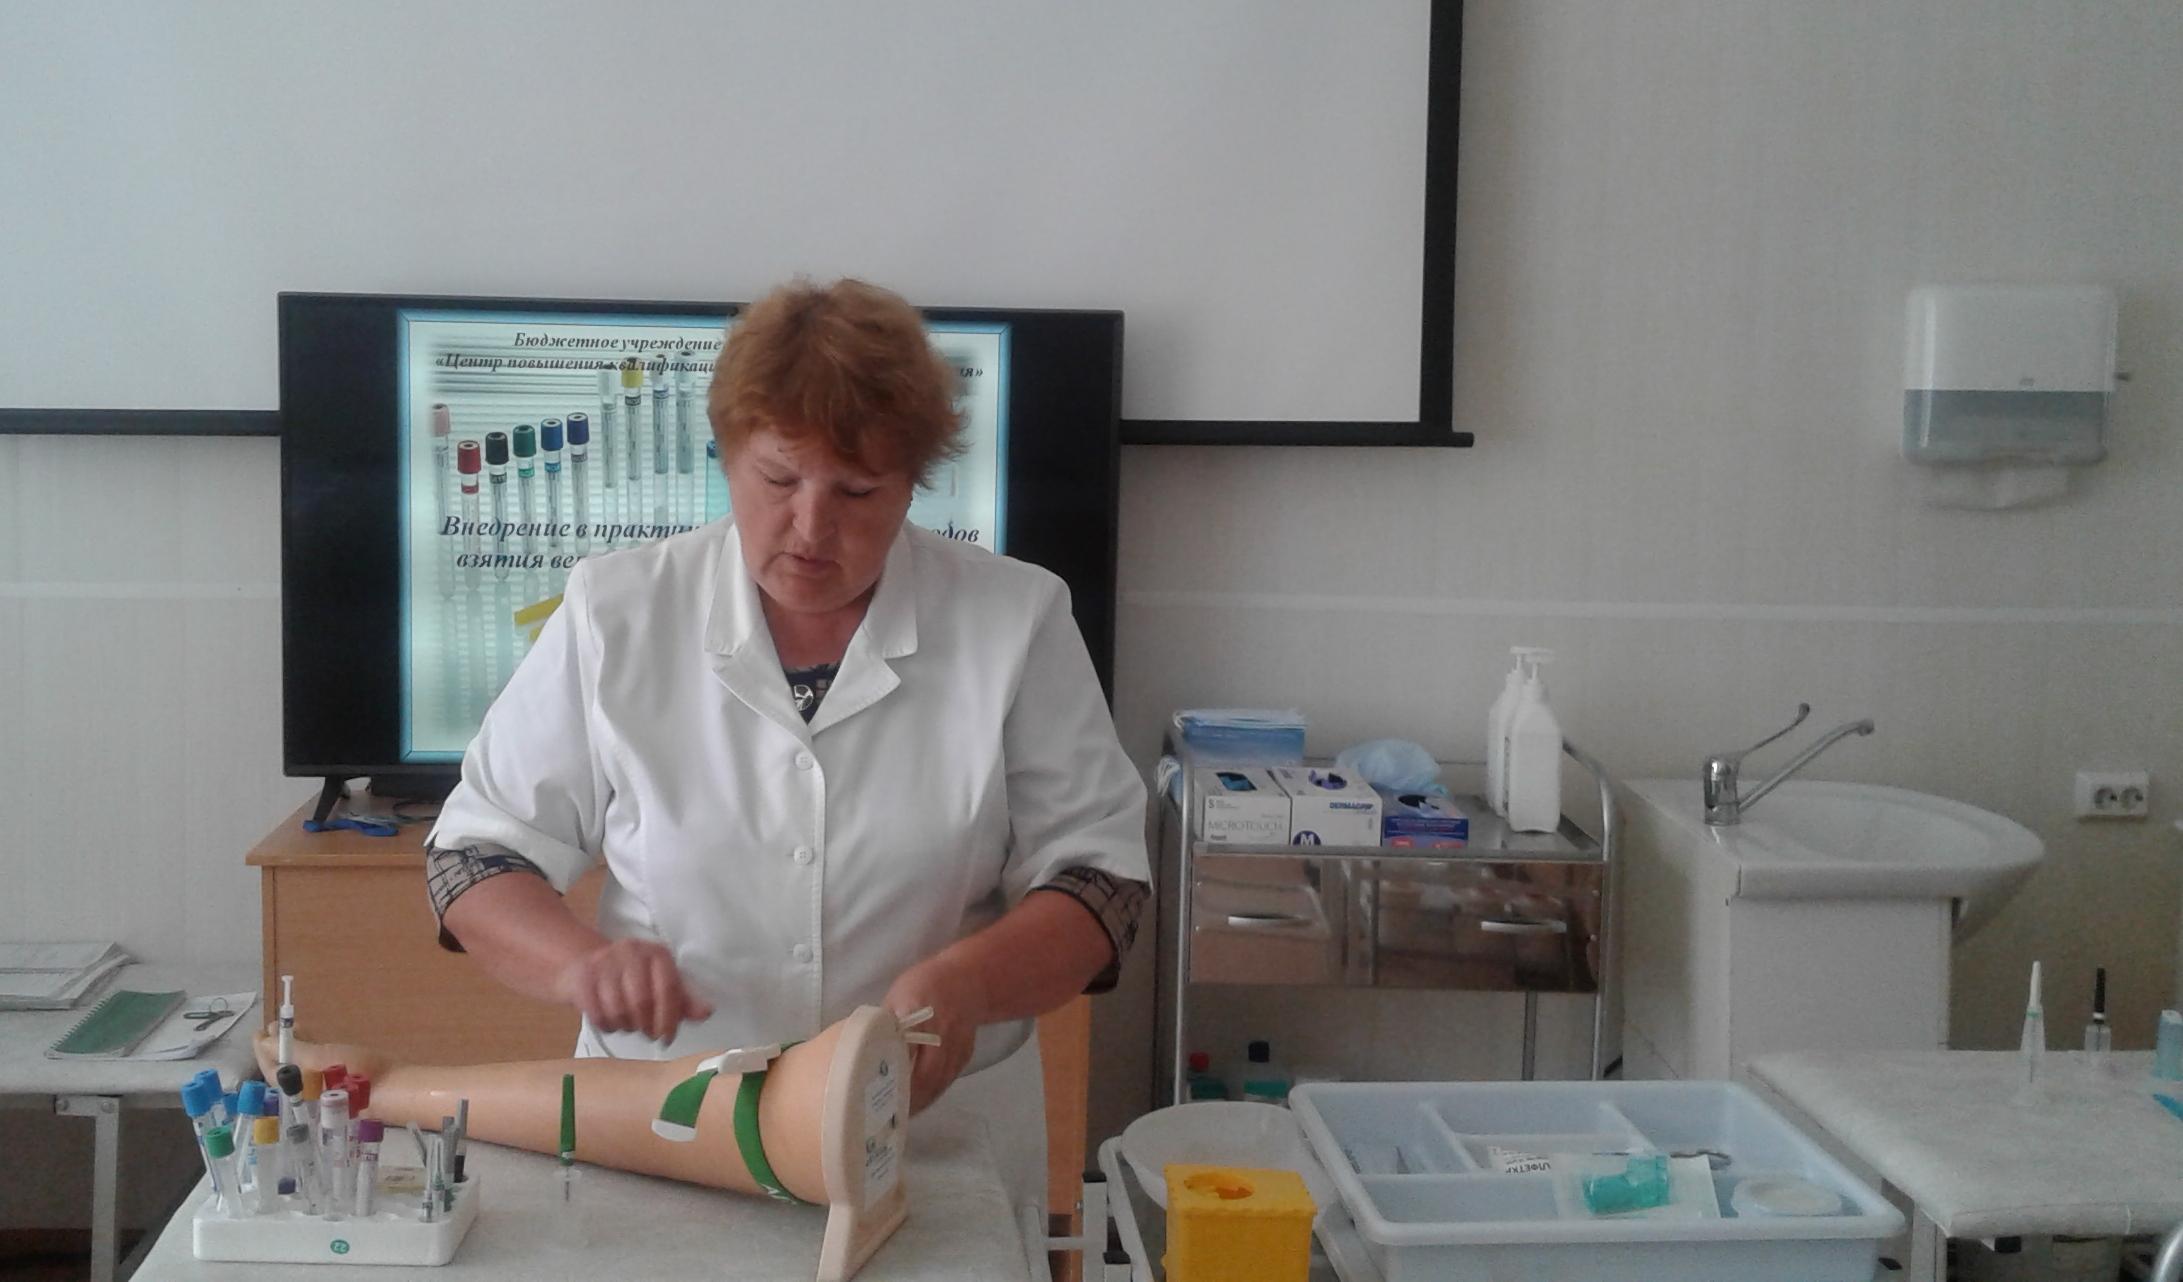 06 июня 2019 года состоялся мастер-класс по теме «Технология взятия крови из периферической вены с помощью закрытых вакуумных систем BD VACUTAINER». Преподаватель  Горкун Е.А. Обучено 4 специалиста.